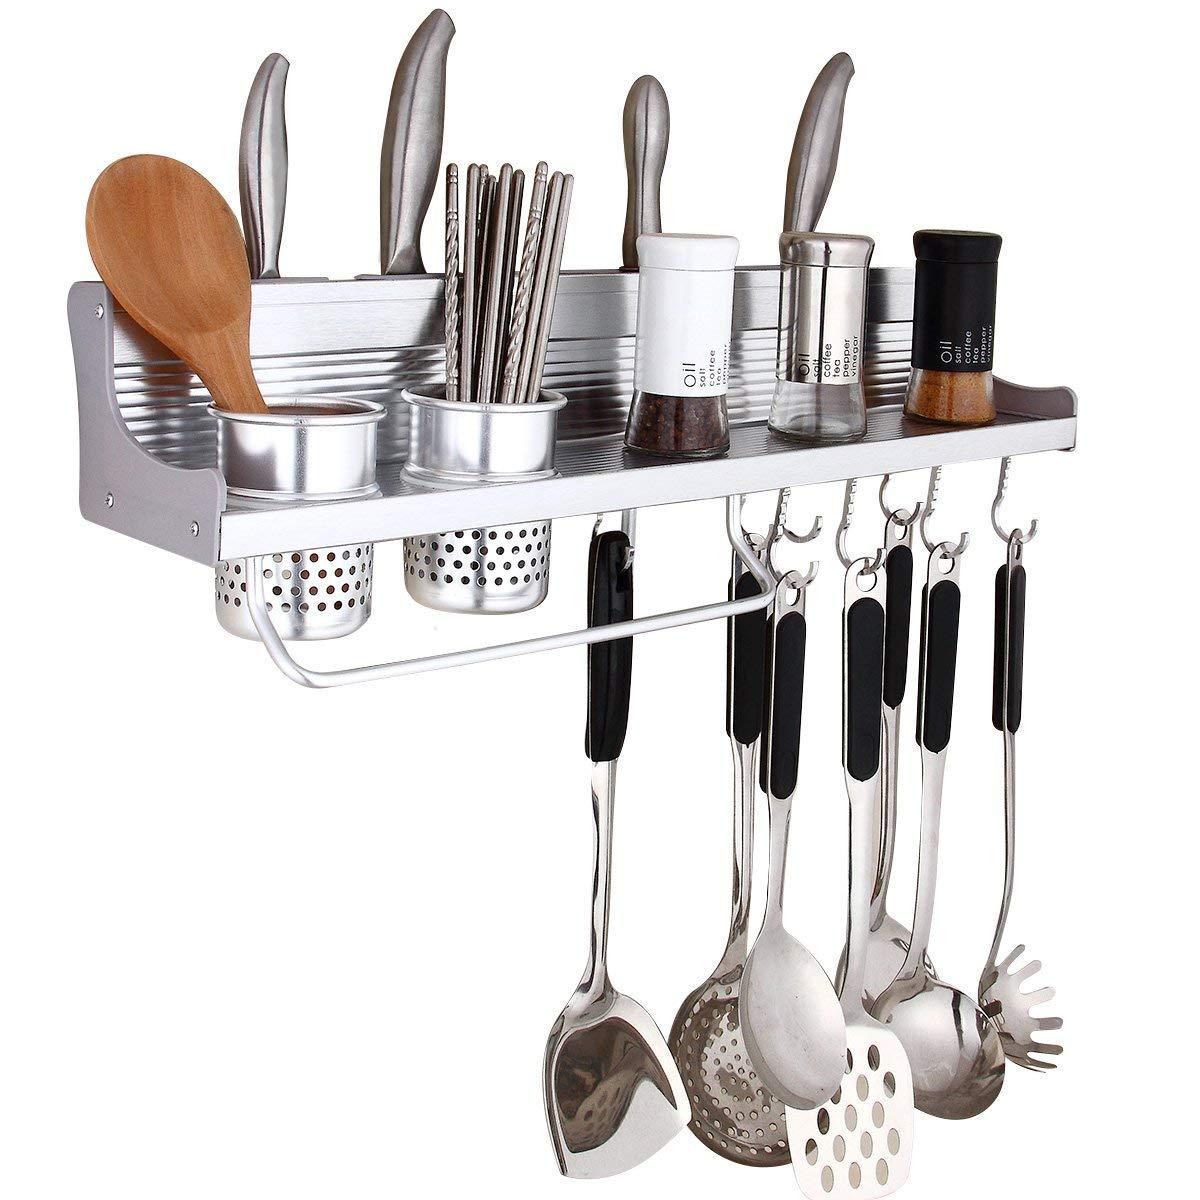 Amazon.com: Organizador de utensilios de cocina multiusos de ...